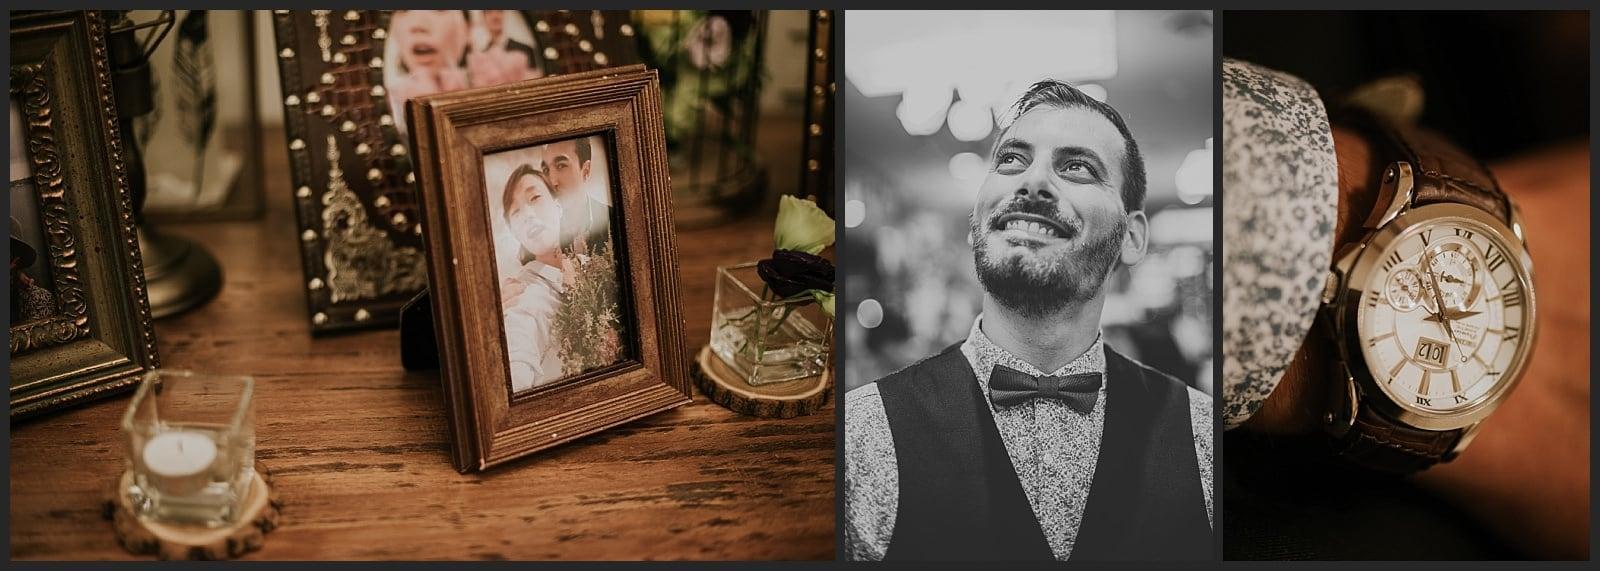 détails de montre et de la décoration du mariage au Wedding hall à Séoul et portrait d'un invité